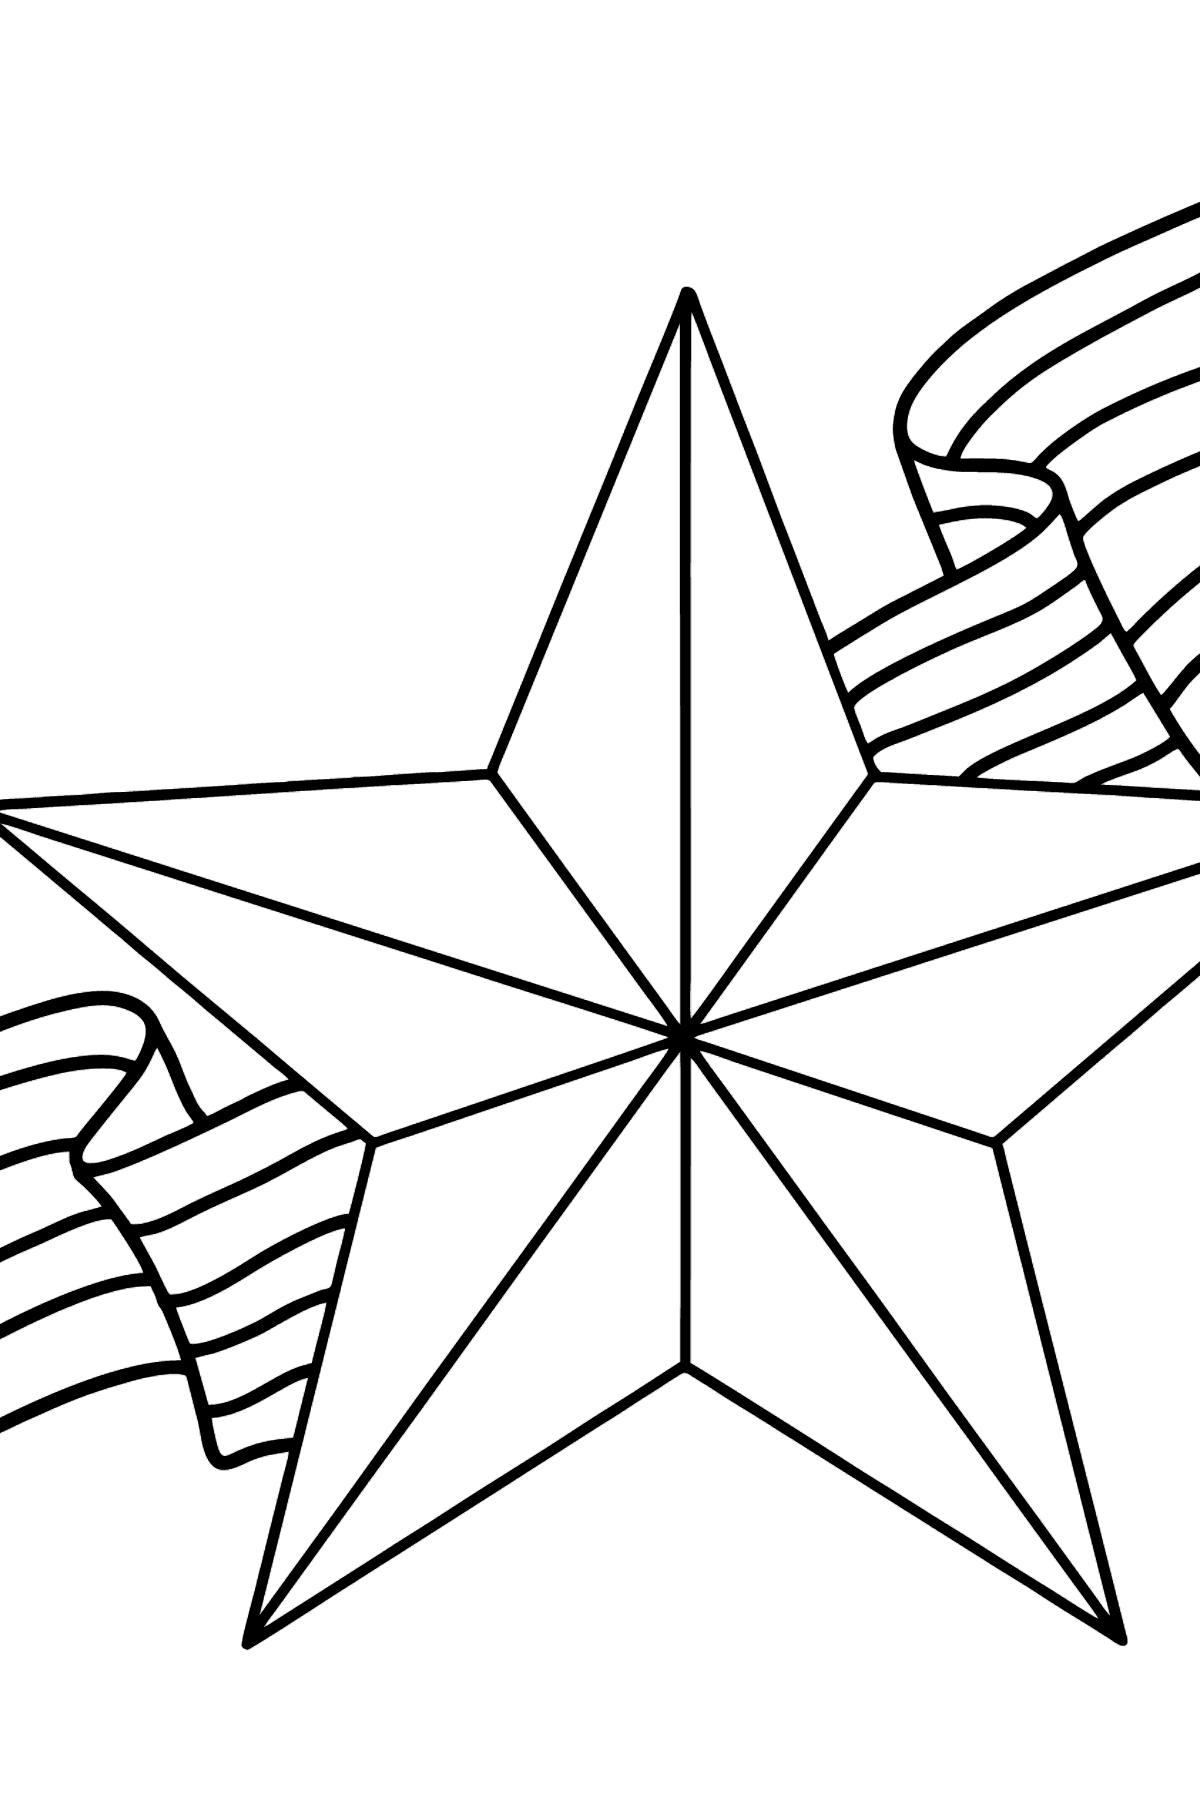 Раскраска к 9 мая - Красная Звезда и Георгиевская ленточка - Картинки для Детей